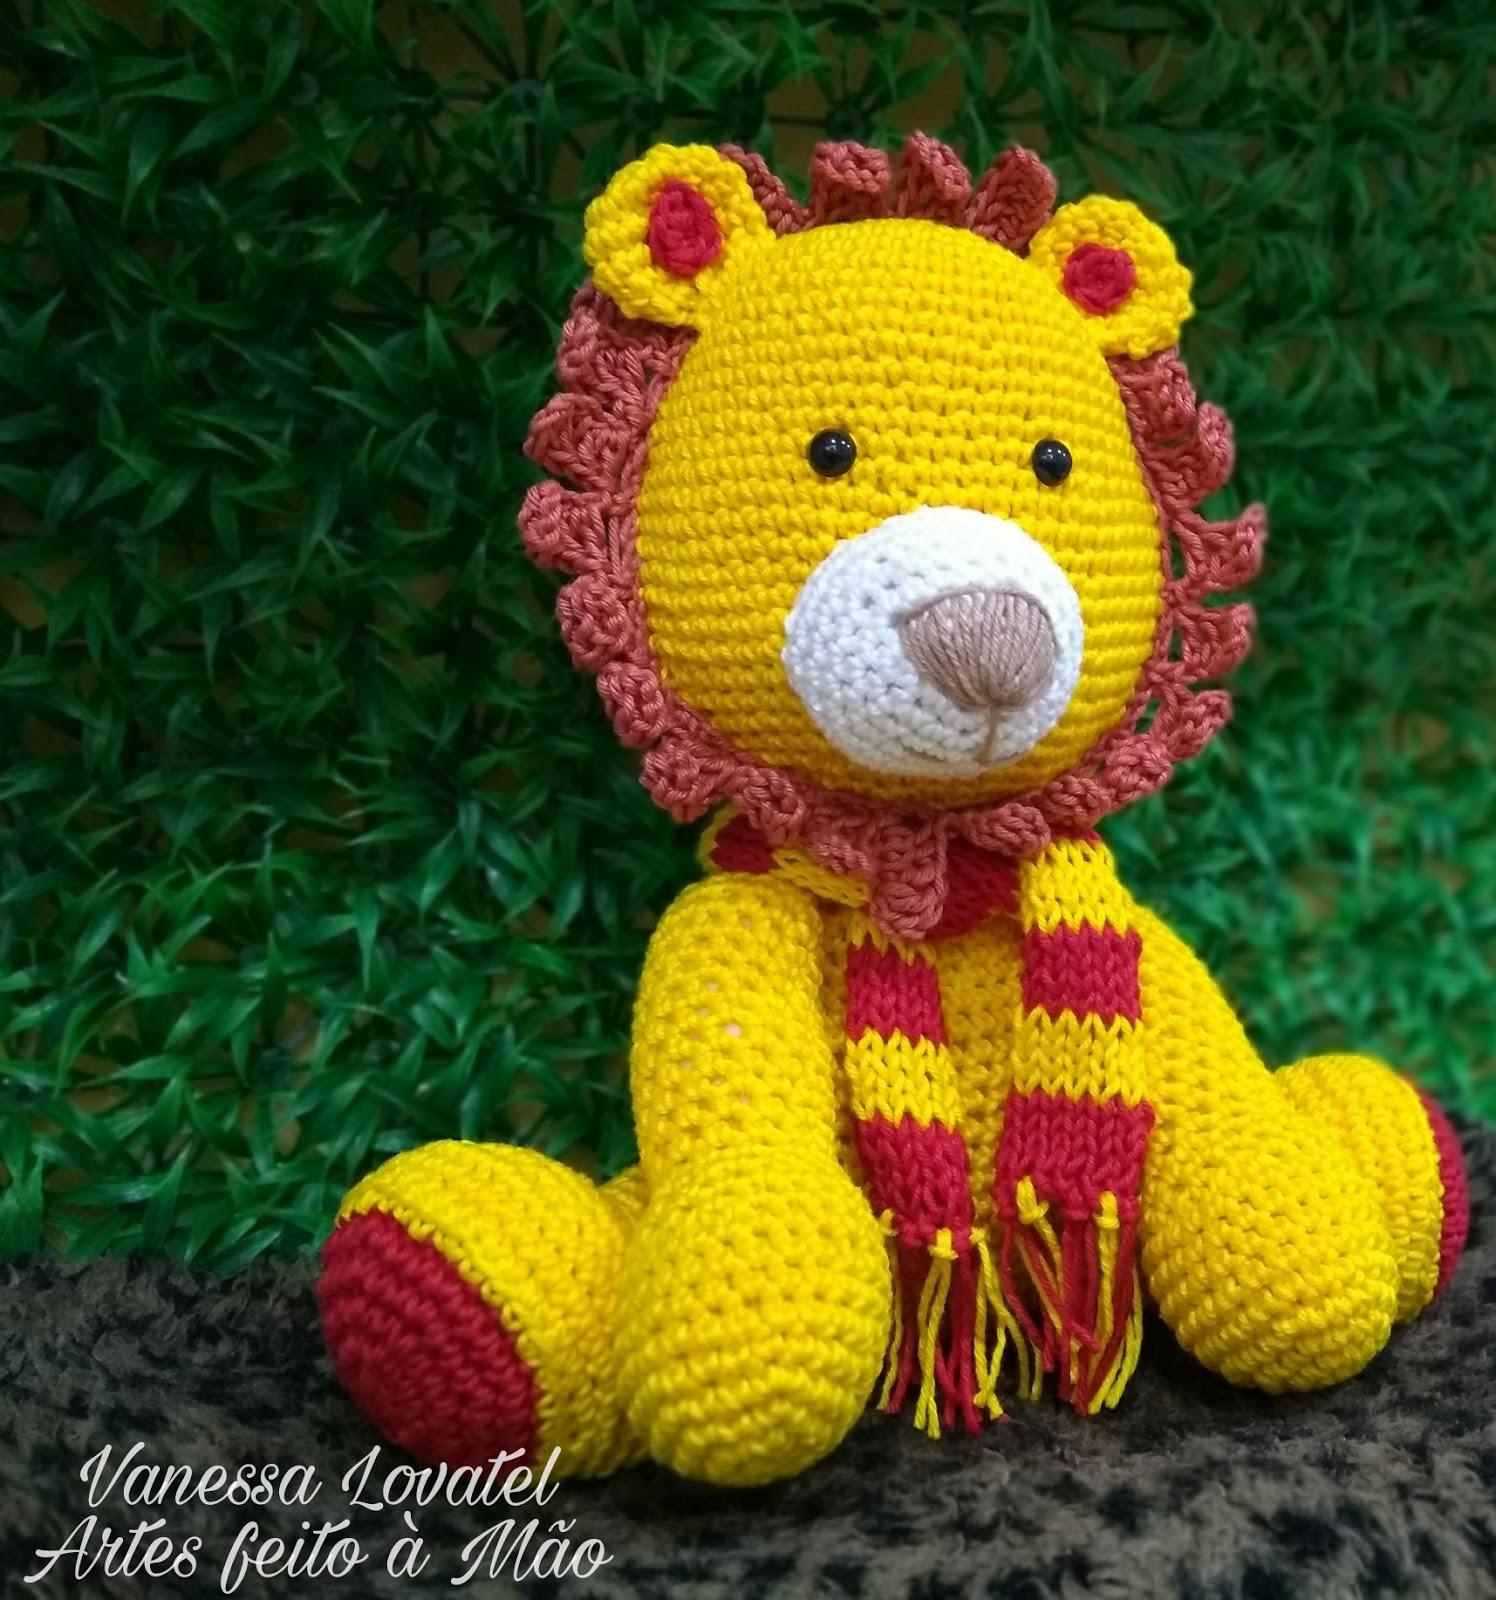 Foca amigurumi tejida a crochet (amigurumi seal) Parte 1 - YouTube | 1600x1496